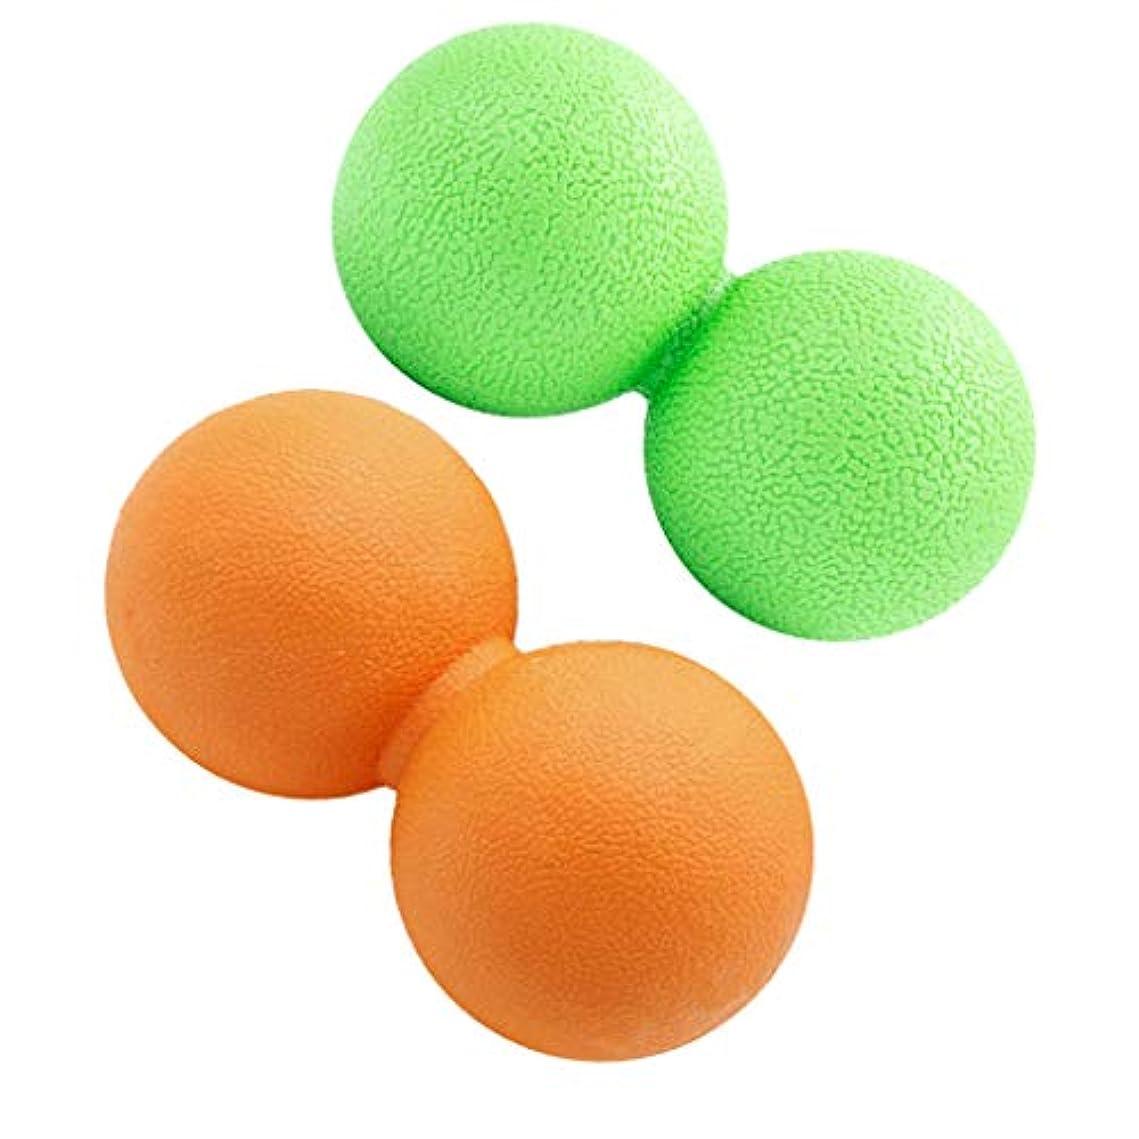 ビンケニア不適当KESOTO 2個 マッサージボール ピーナッツ 疲れ解消ボール トリガーポイント 筋膜リリース ツボ押しグッズ